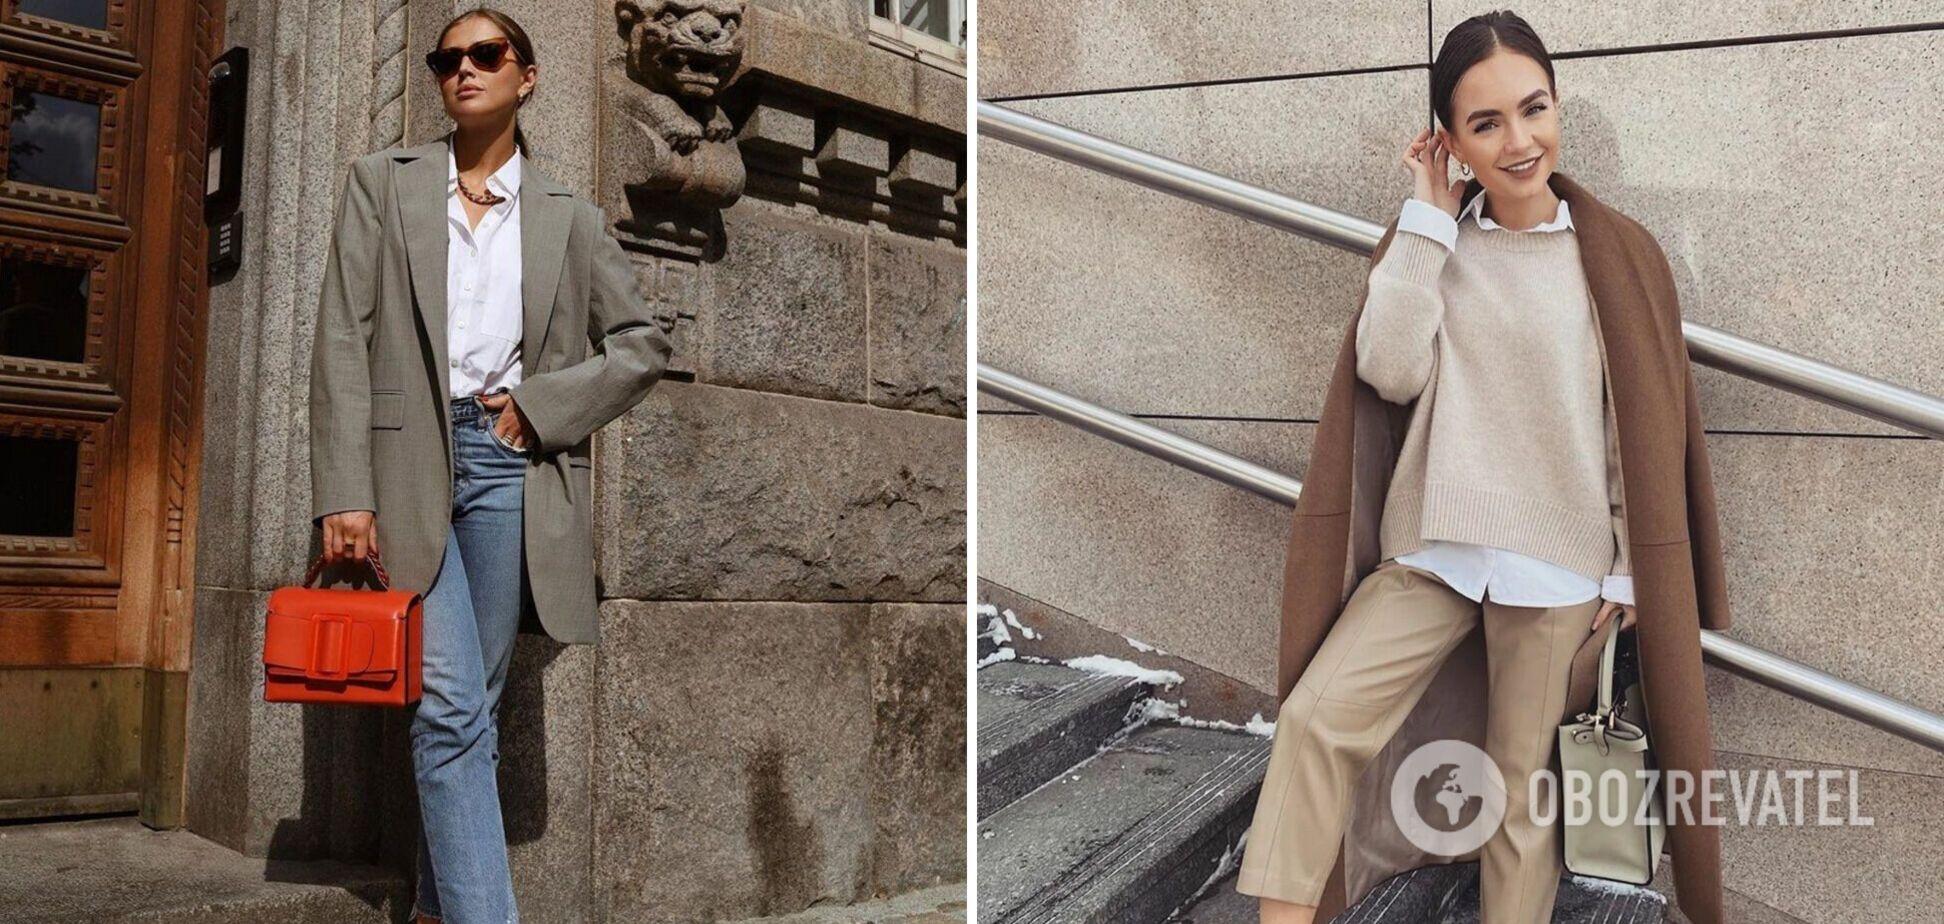 5 деталей, которые выдают дешевую одежду и портят стиль